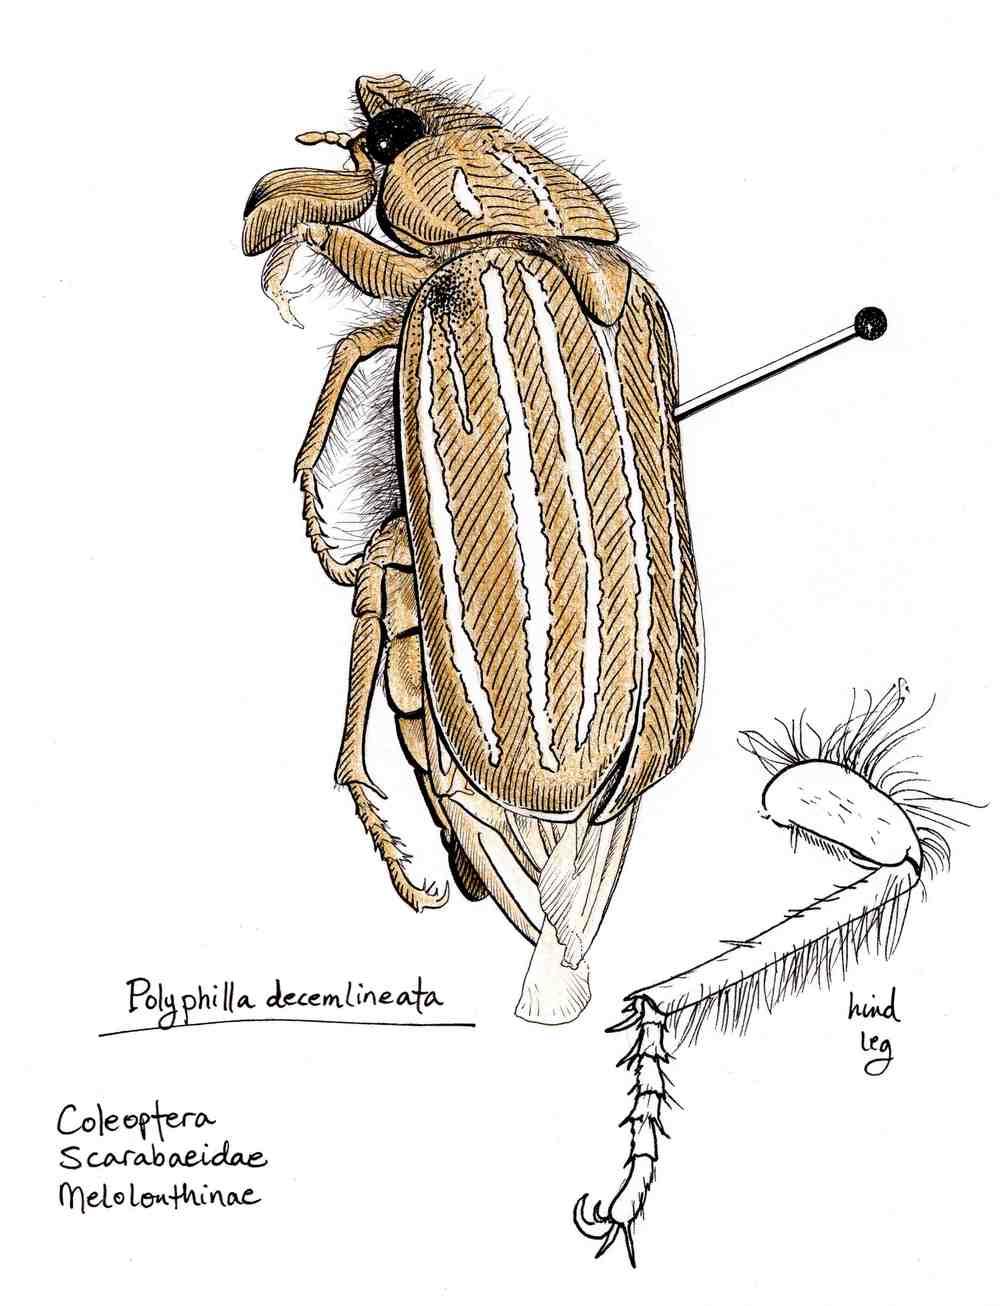 Polyphilla decemlineata